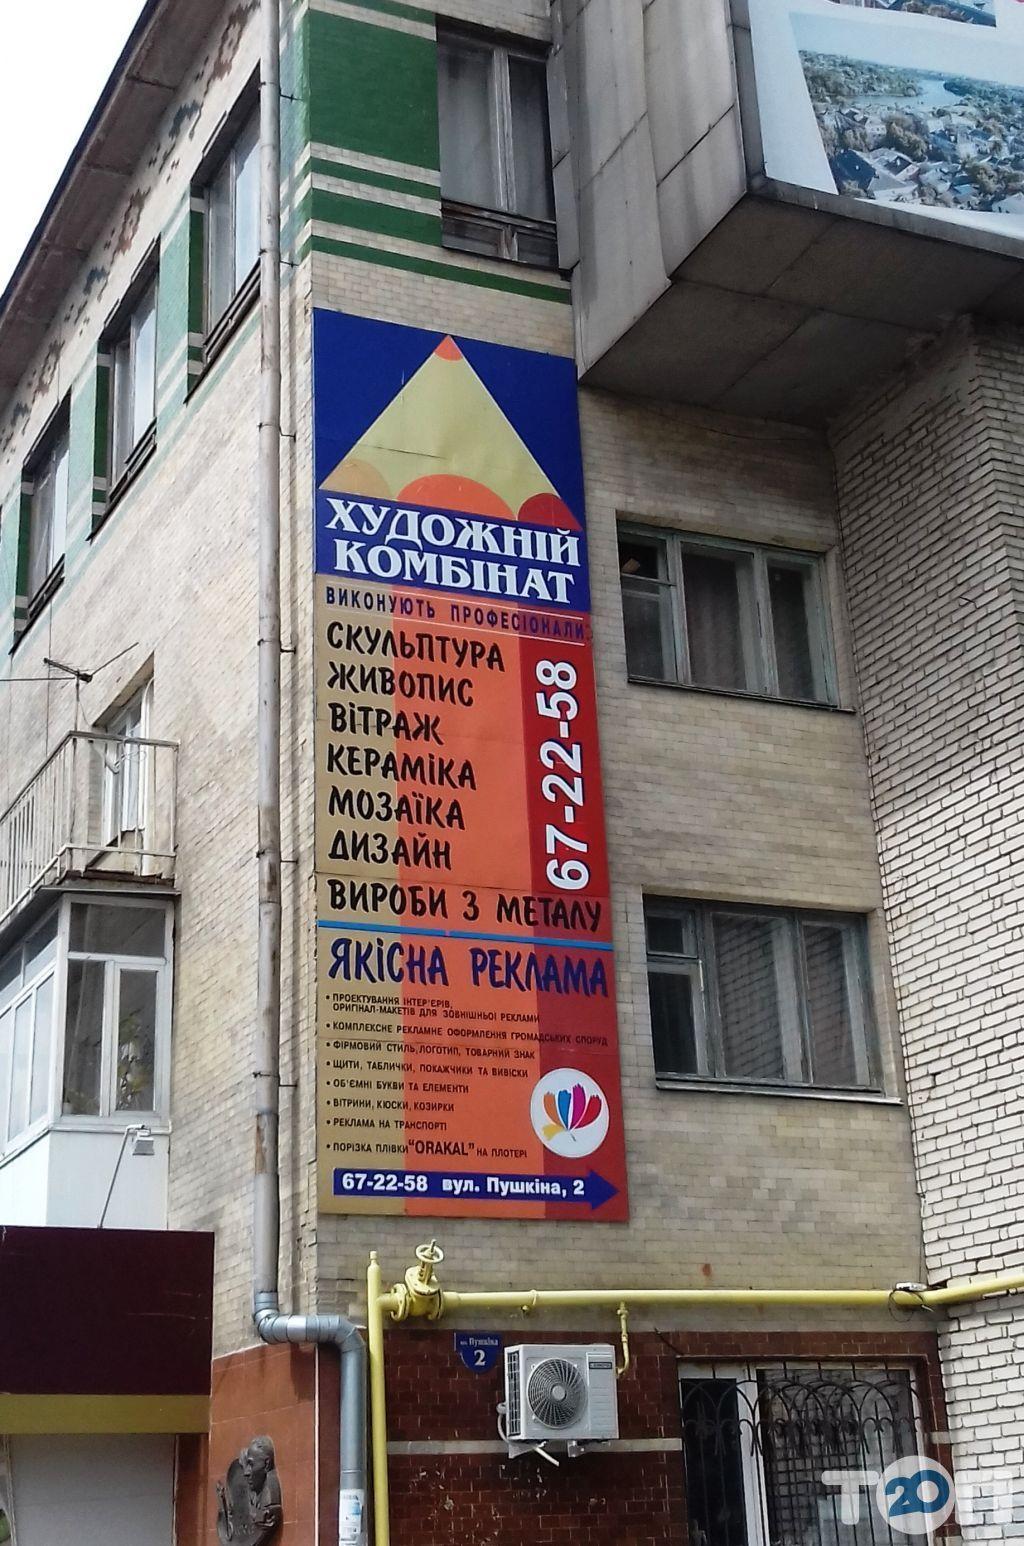 Художник, художественный салон - фото 1